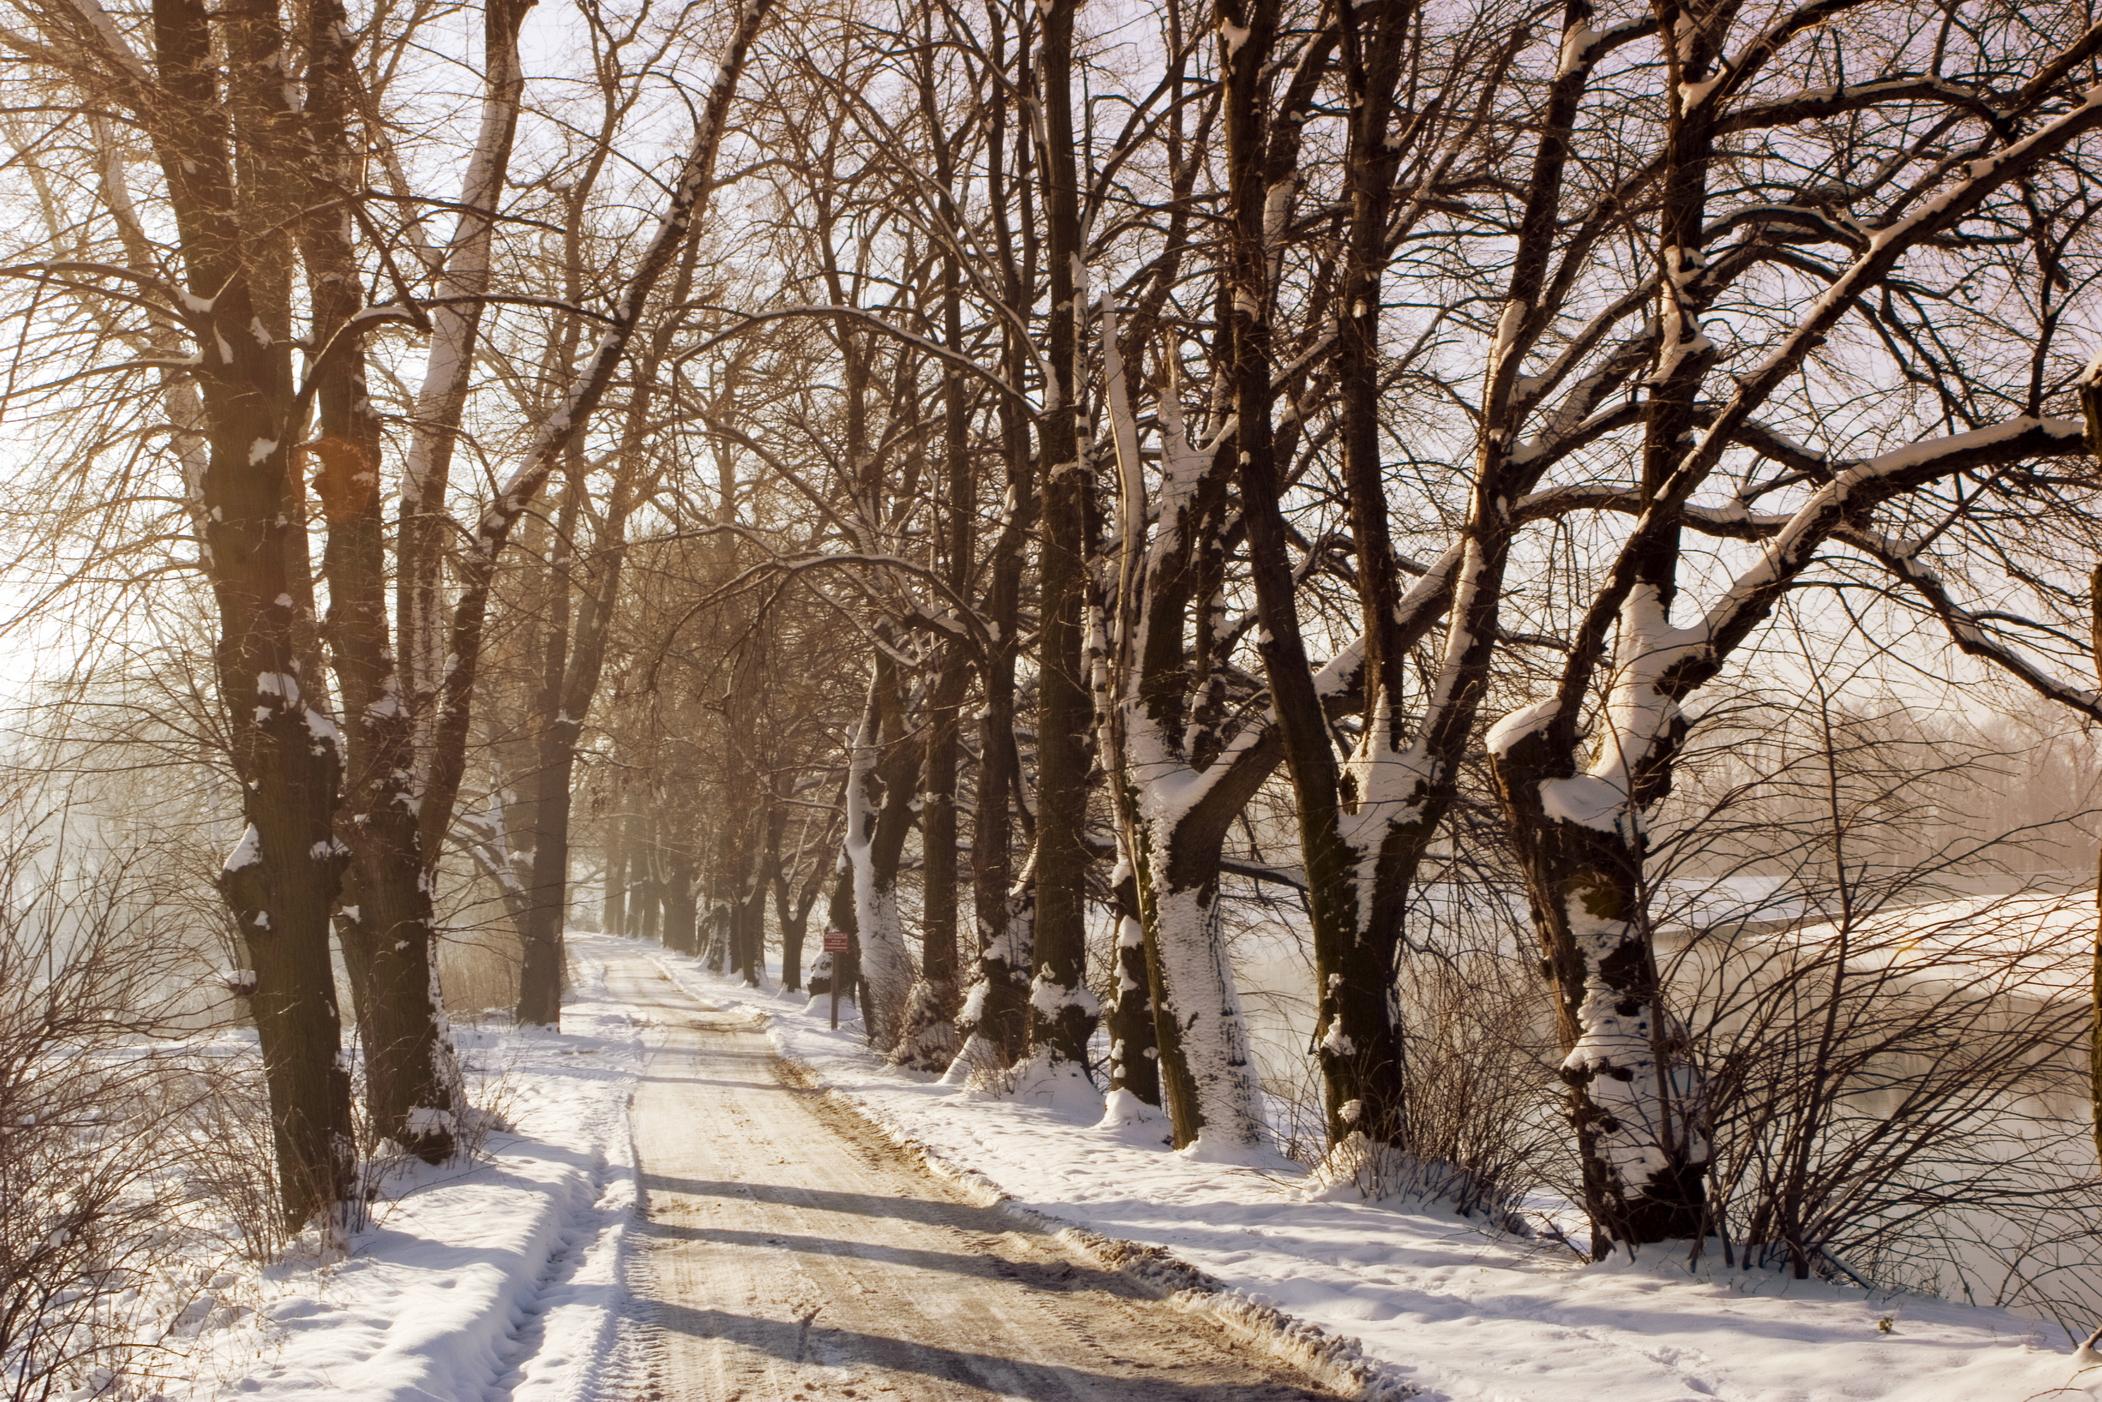 Winters landschap met veel besneeuwde bomen en een oprijlaan.